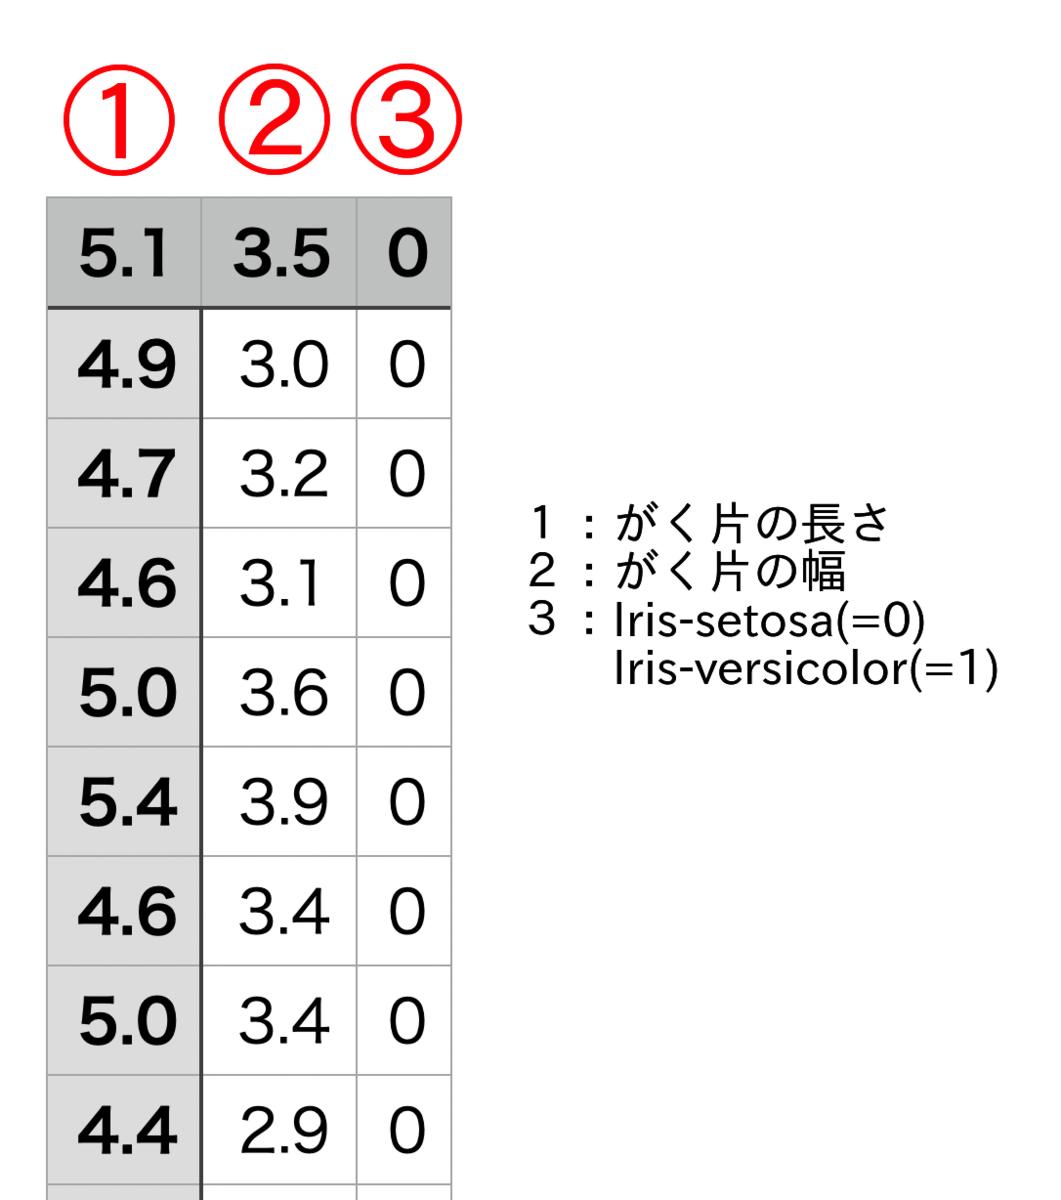 f:id:hanaaaaaachiru:20200426102554p:plain